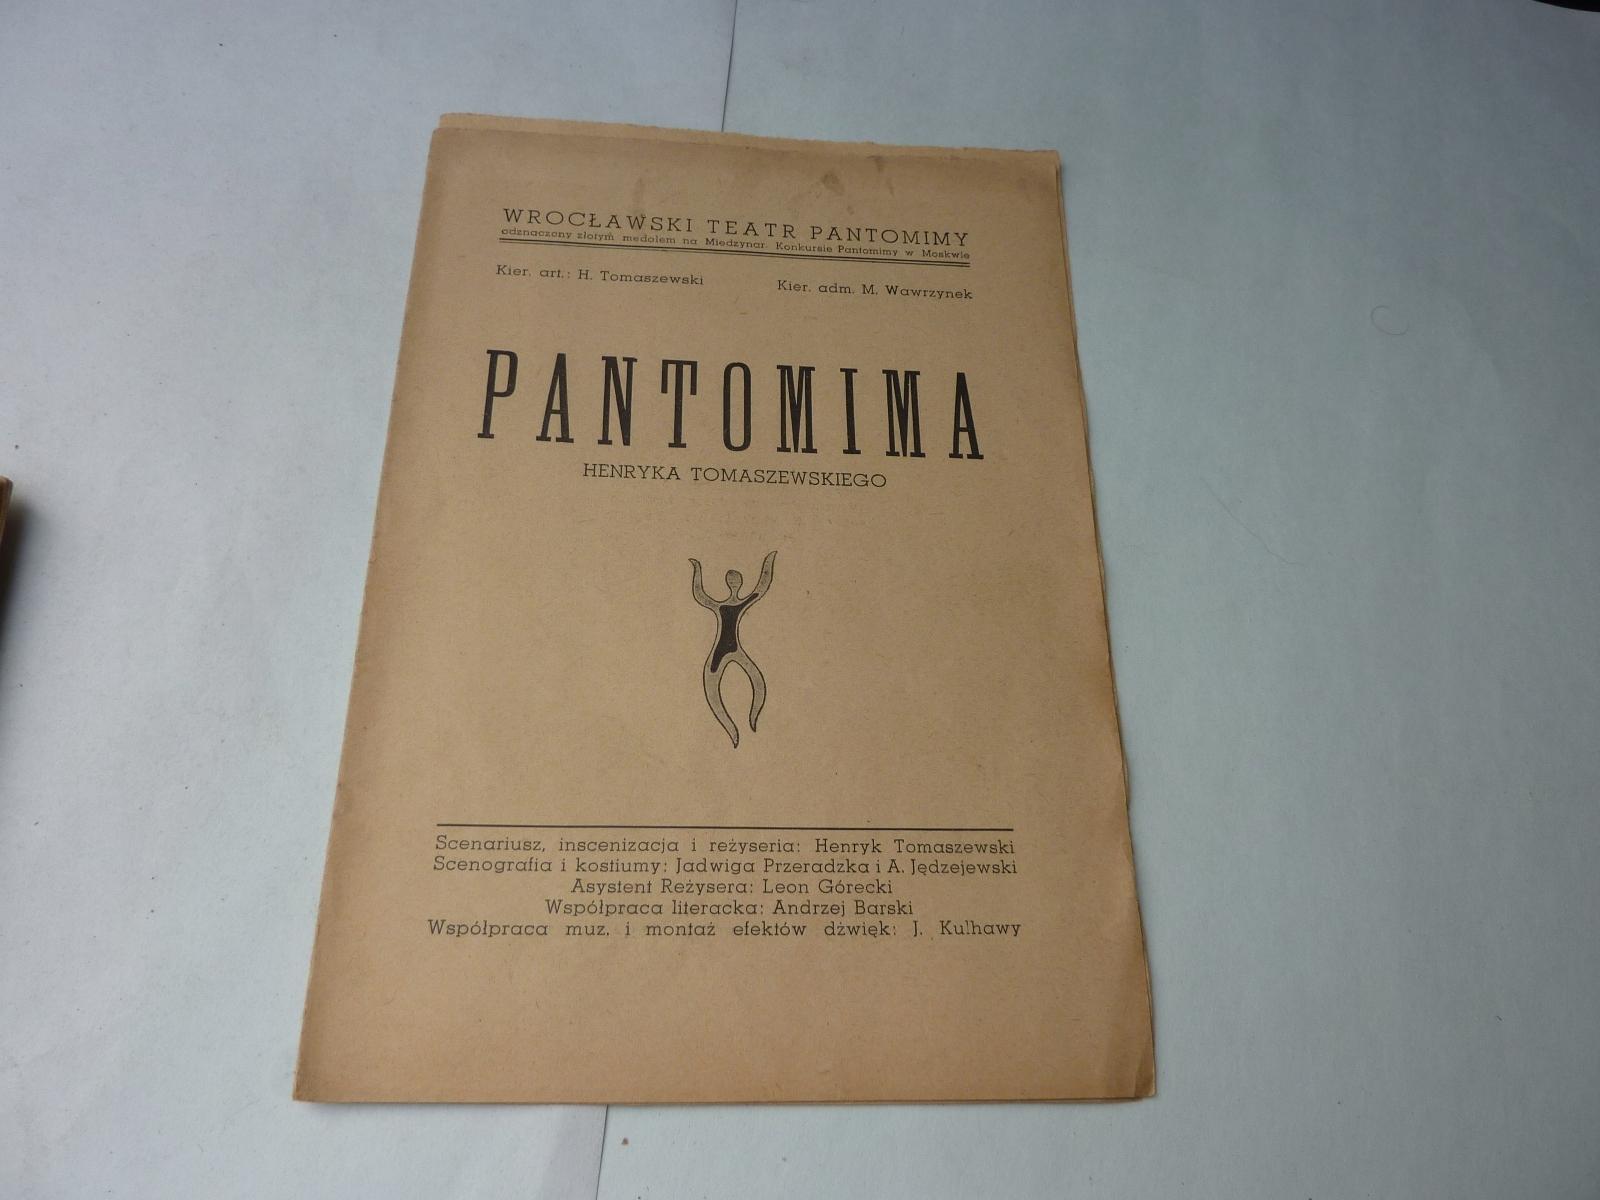 PROGRAM PANTONIMA HENRYK TOMASZEWSKI